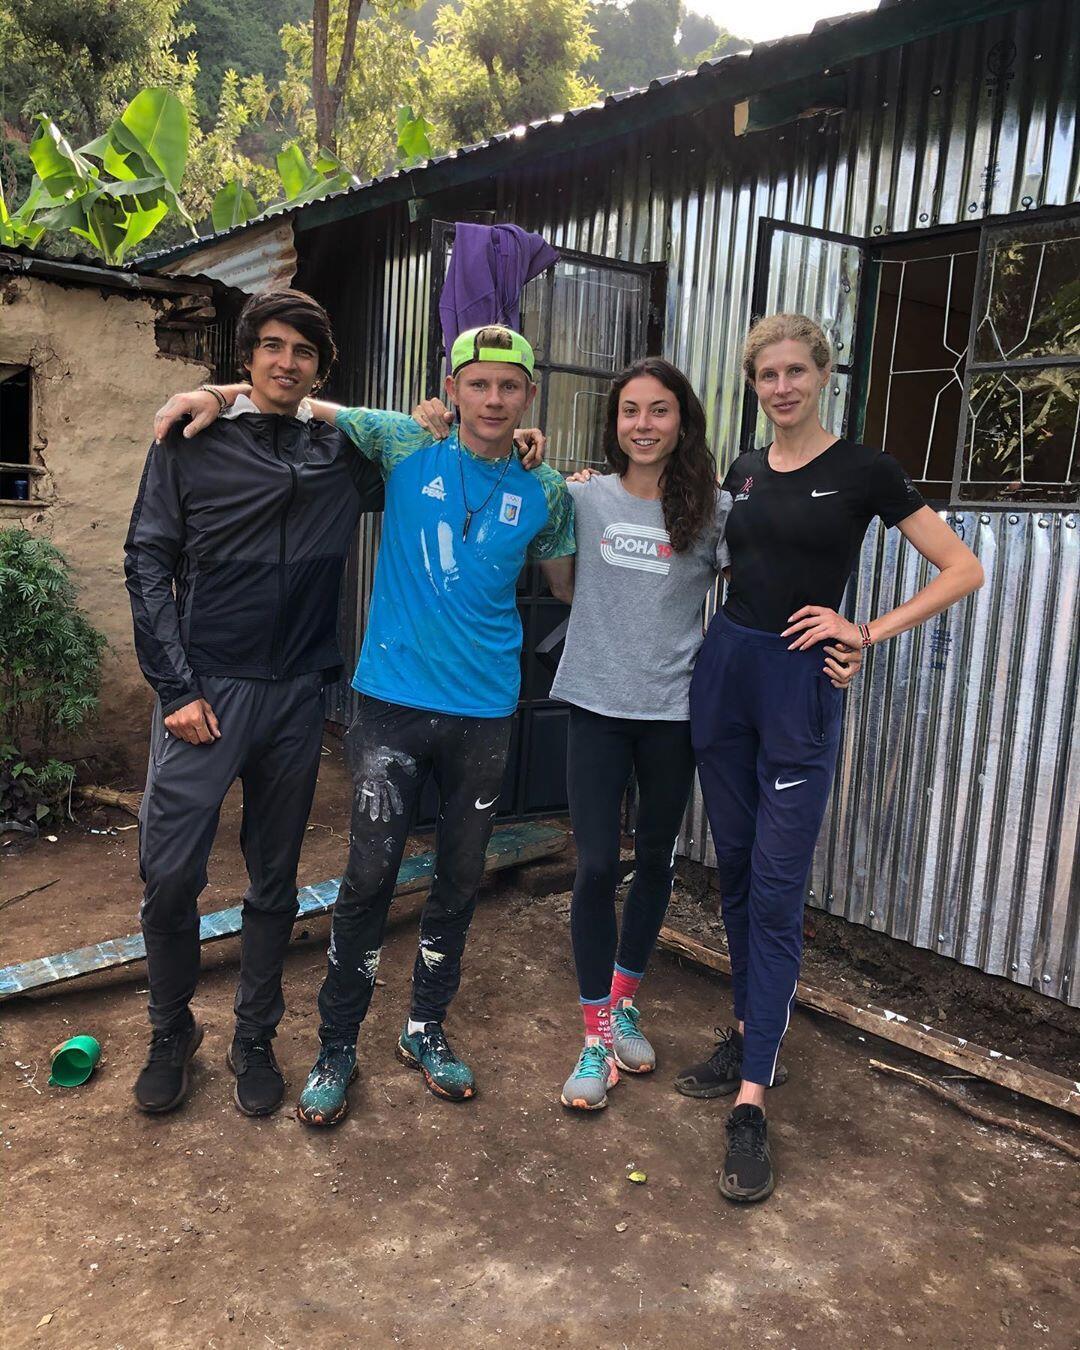 Сборная Украины за 10 дней построила дом в Кении для многодетной семьи